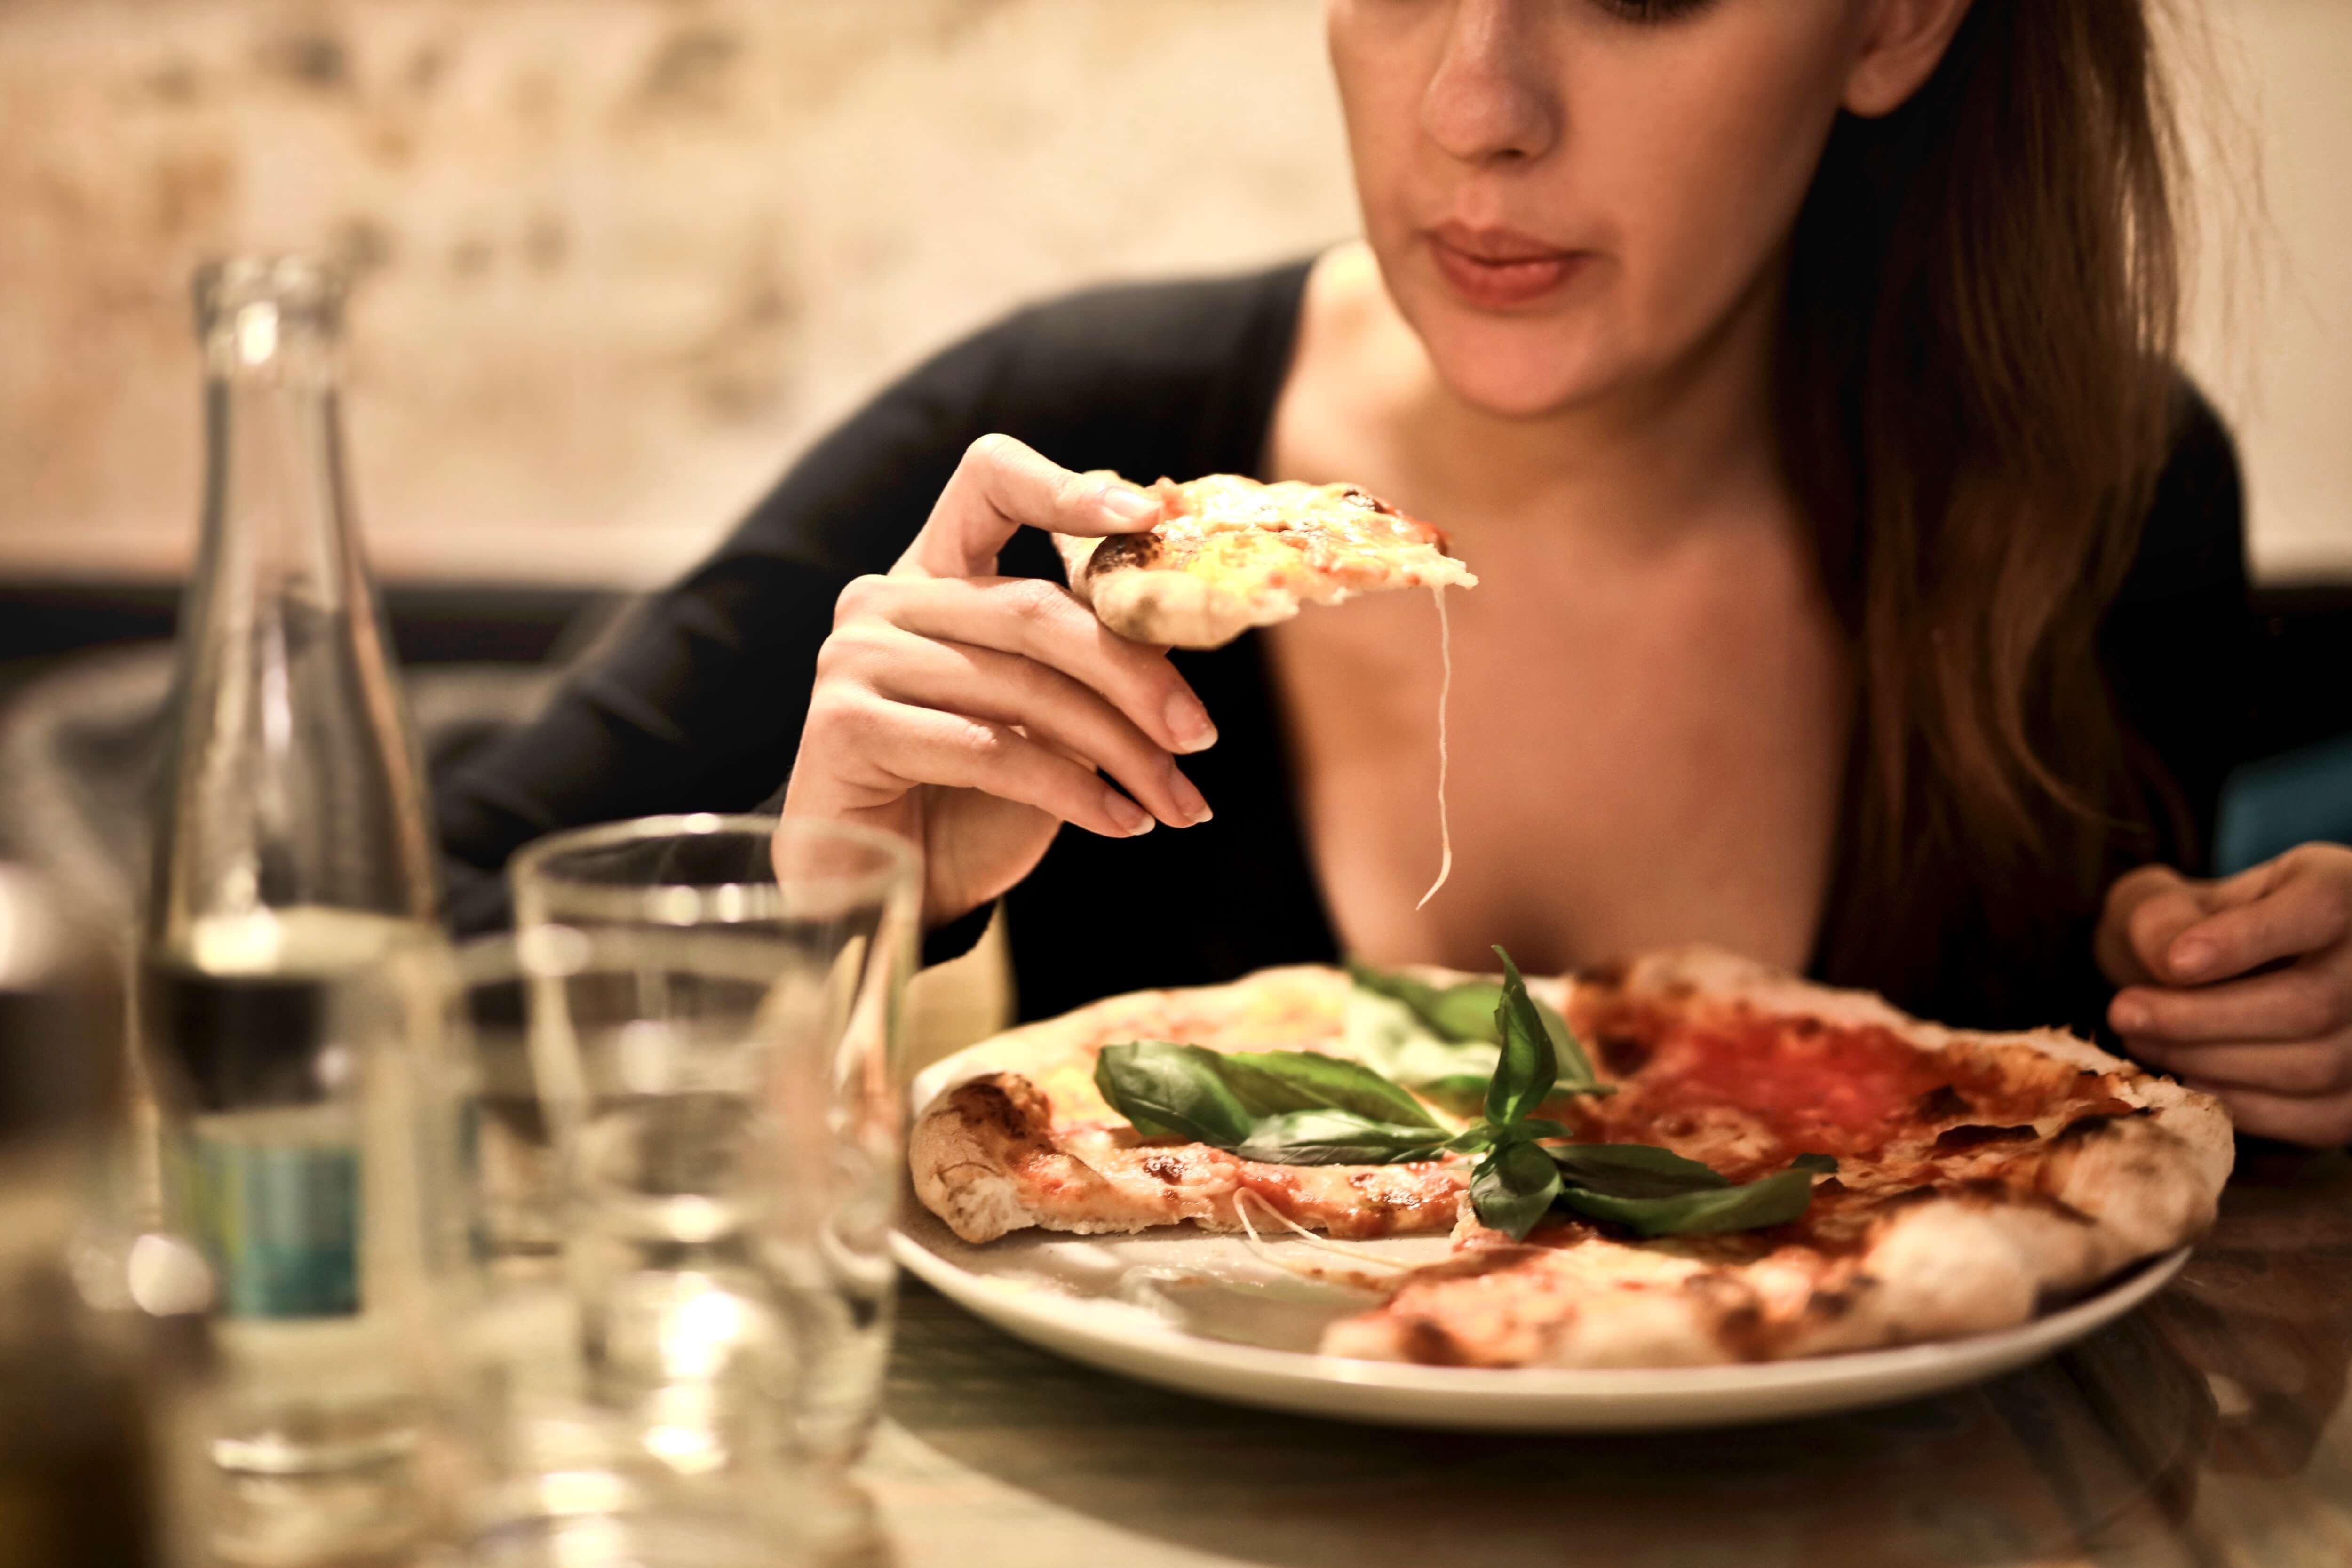 大餐後出現脹氣、消化不良?醫生建議 6 種食物要少吃!